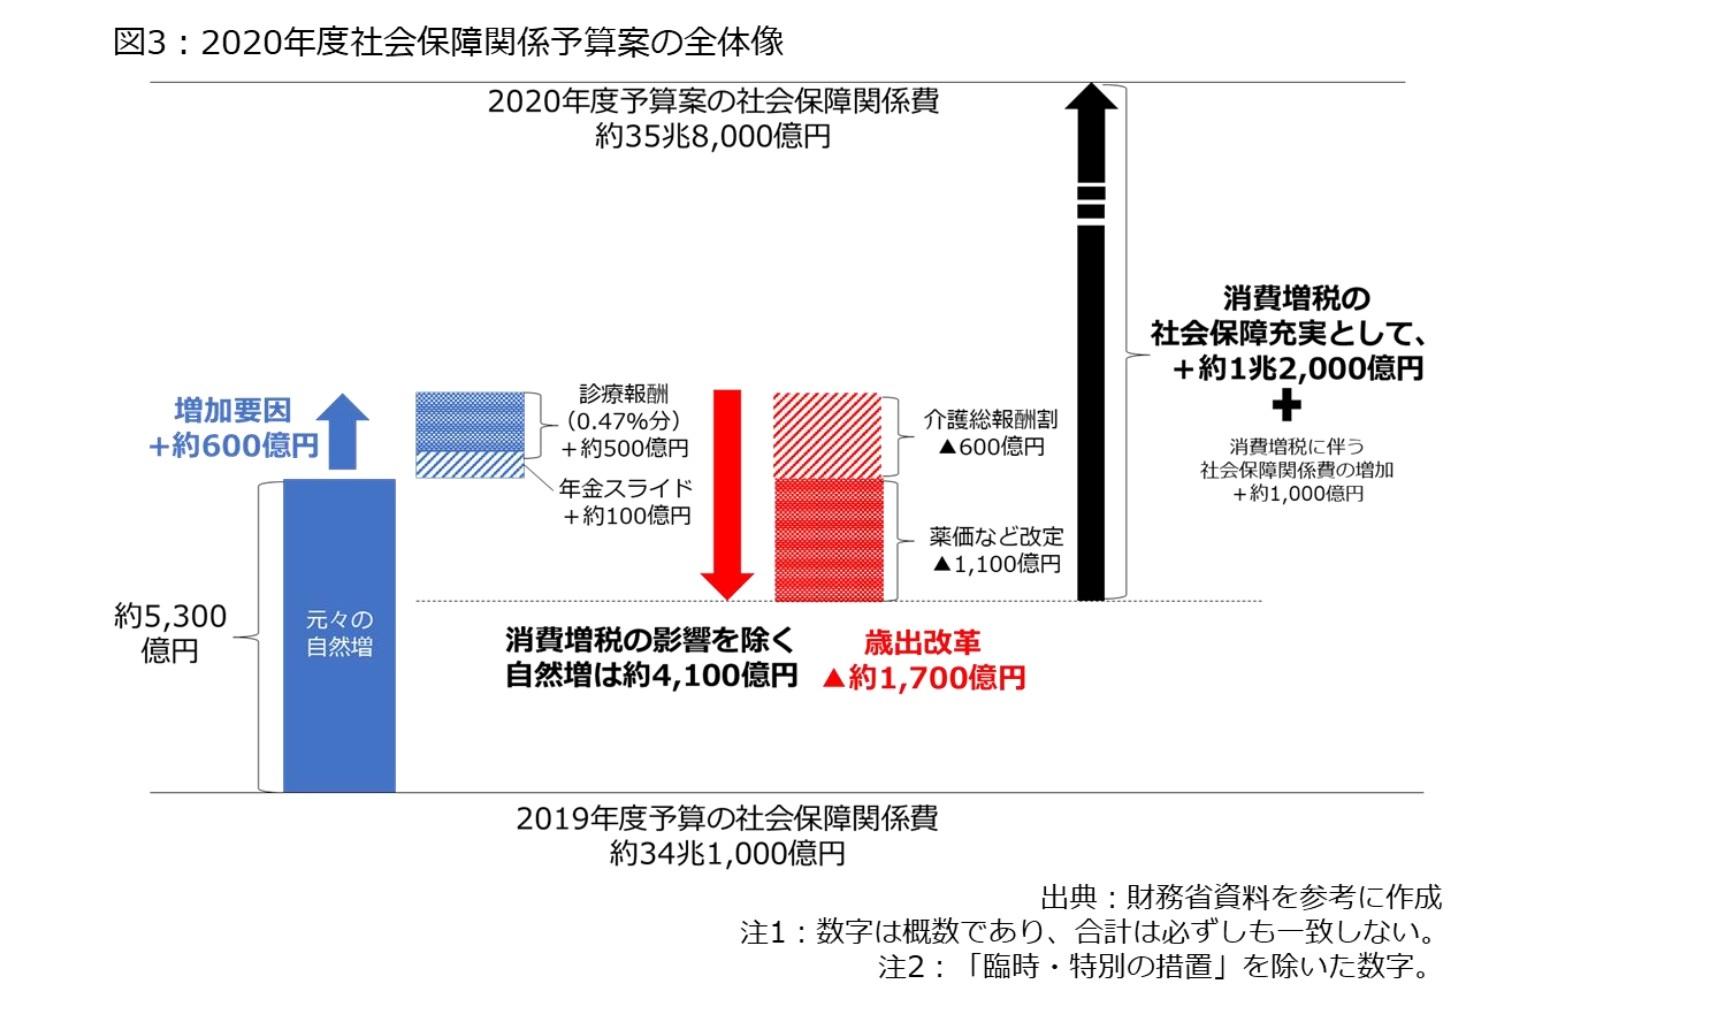 図3:2020年度社会保障関係予算案の全体像